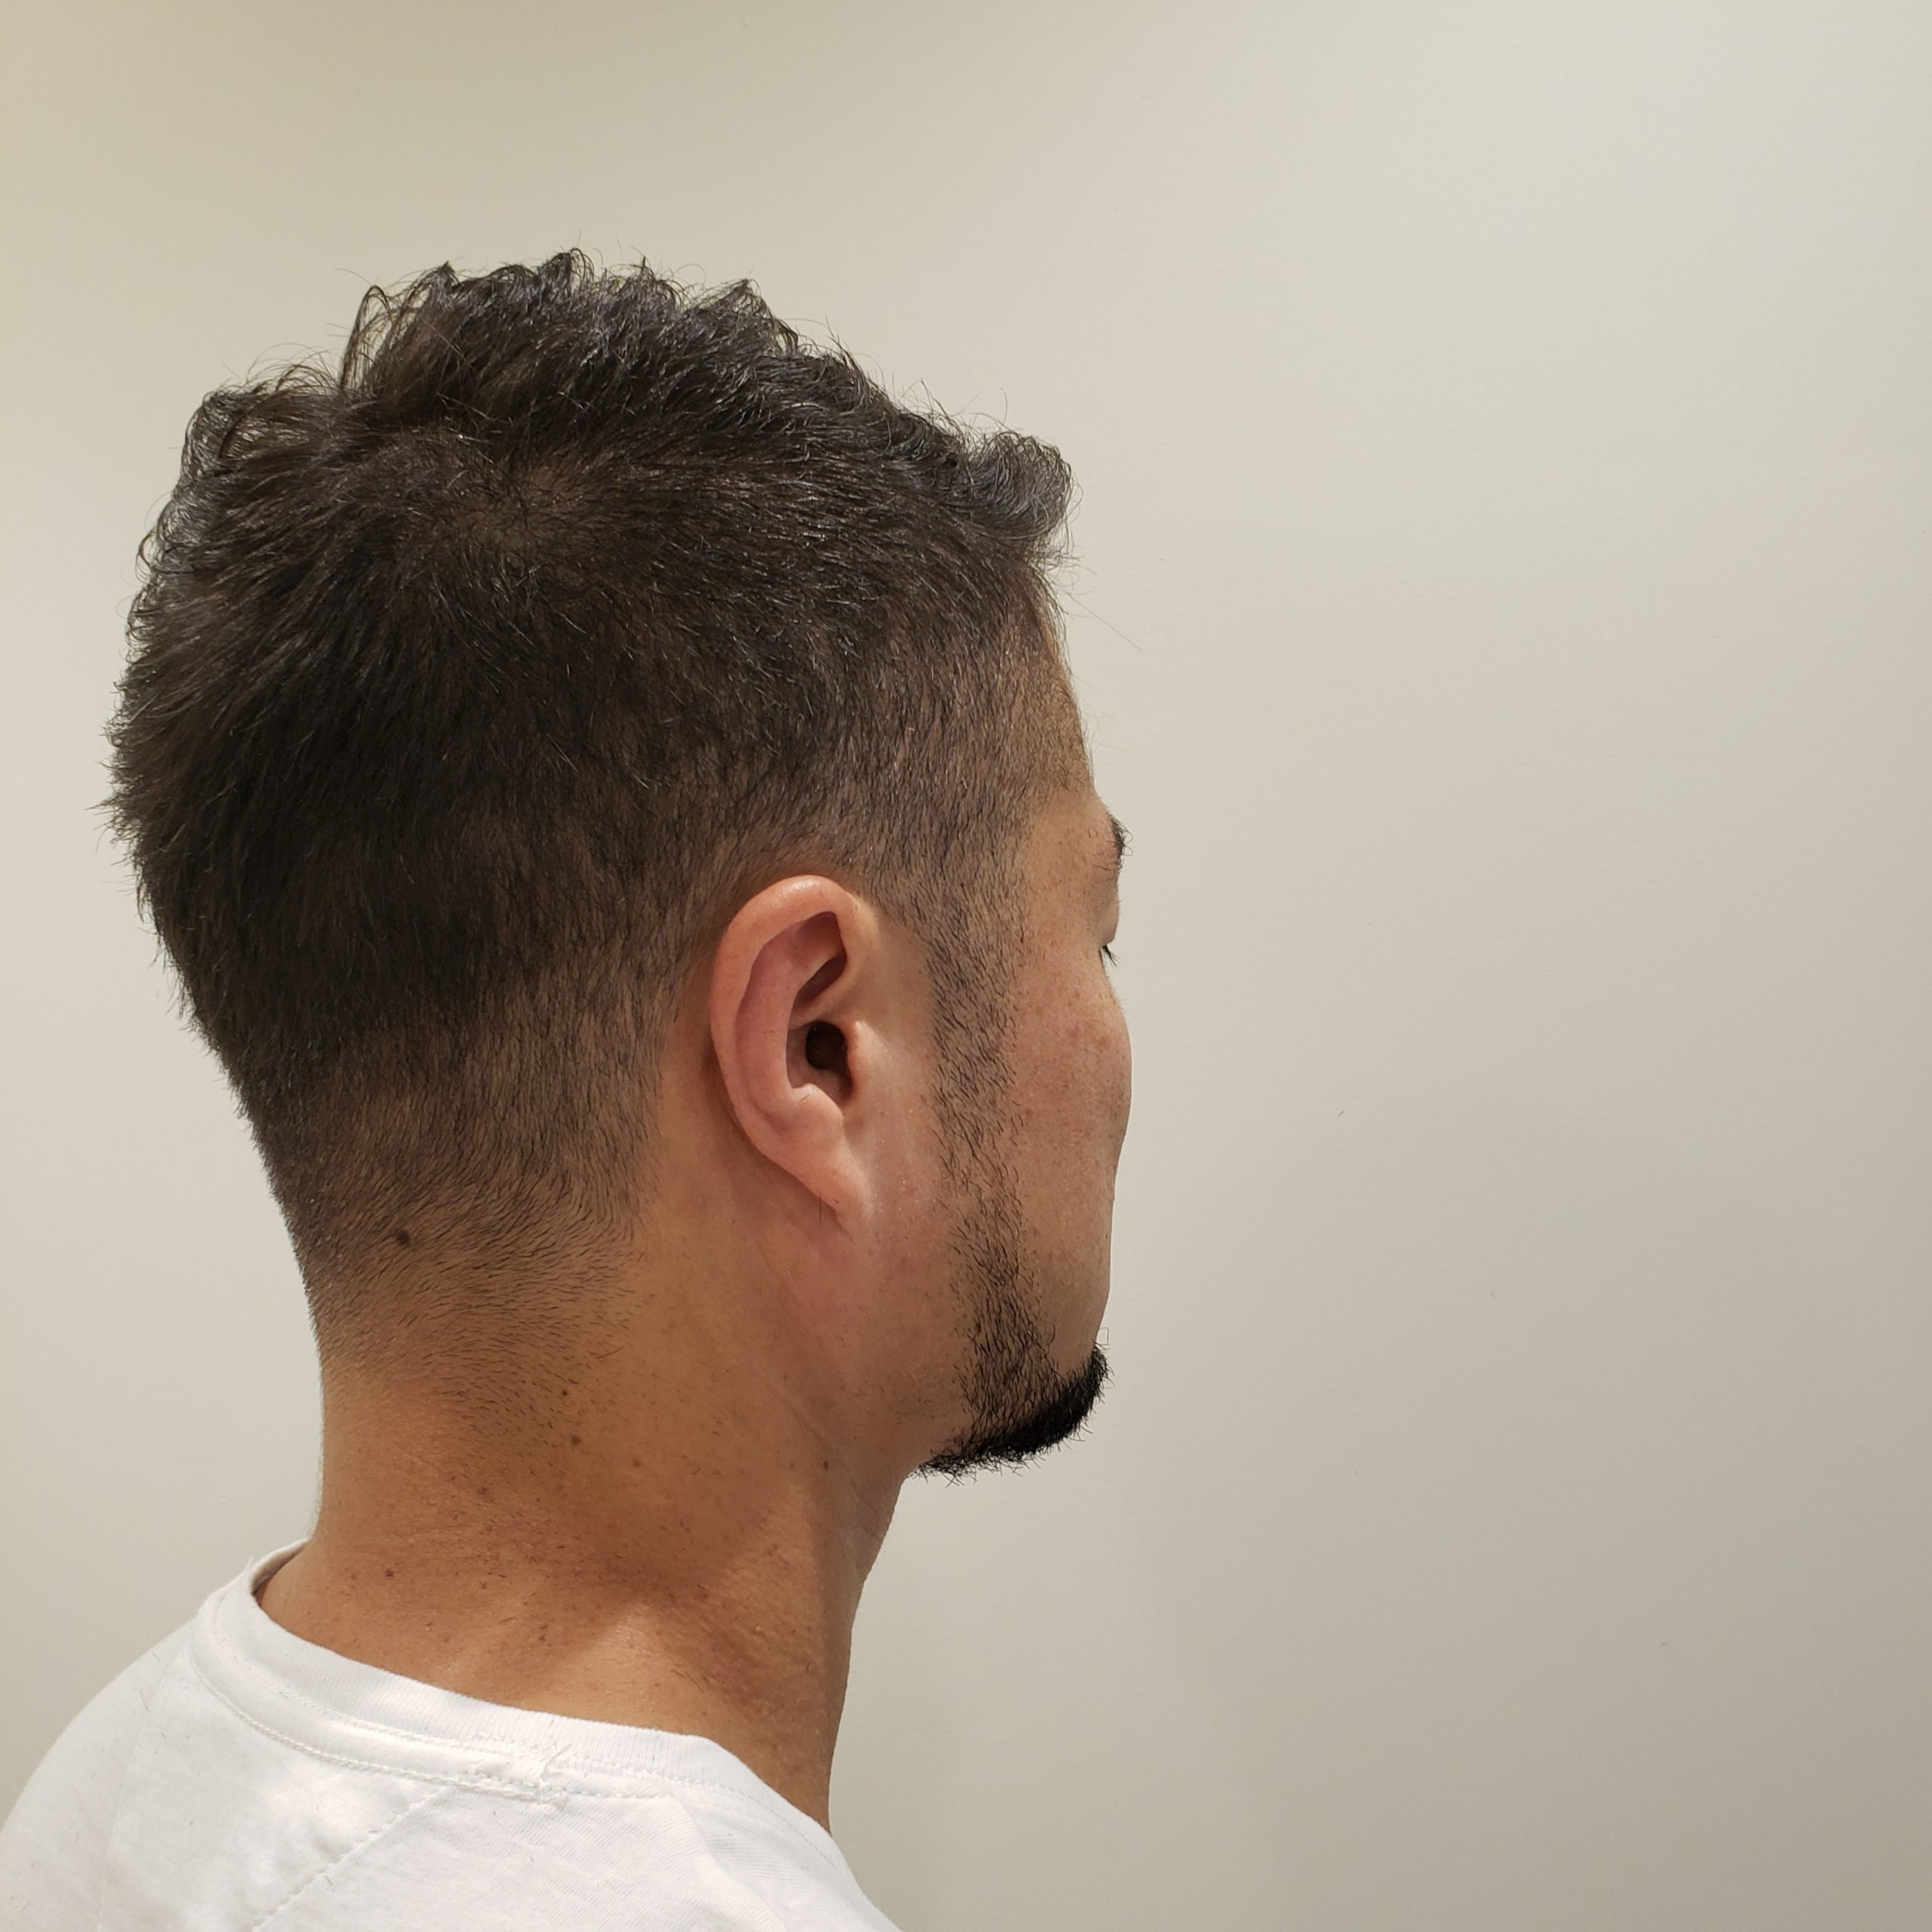 【30代男性にオススメな髪型】カッコいいメンズヘアを仕上げるには?